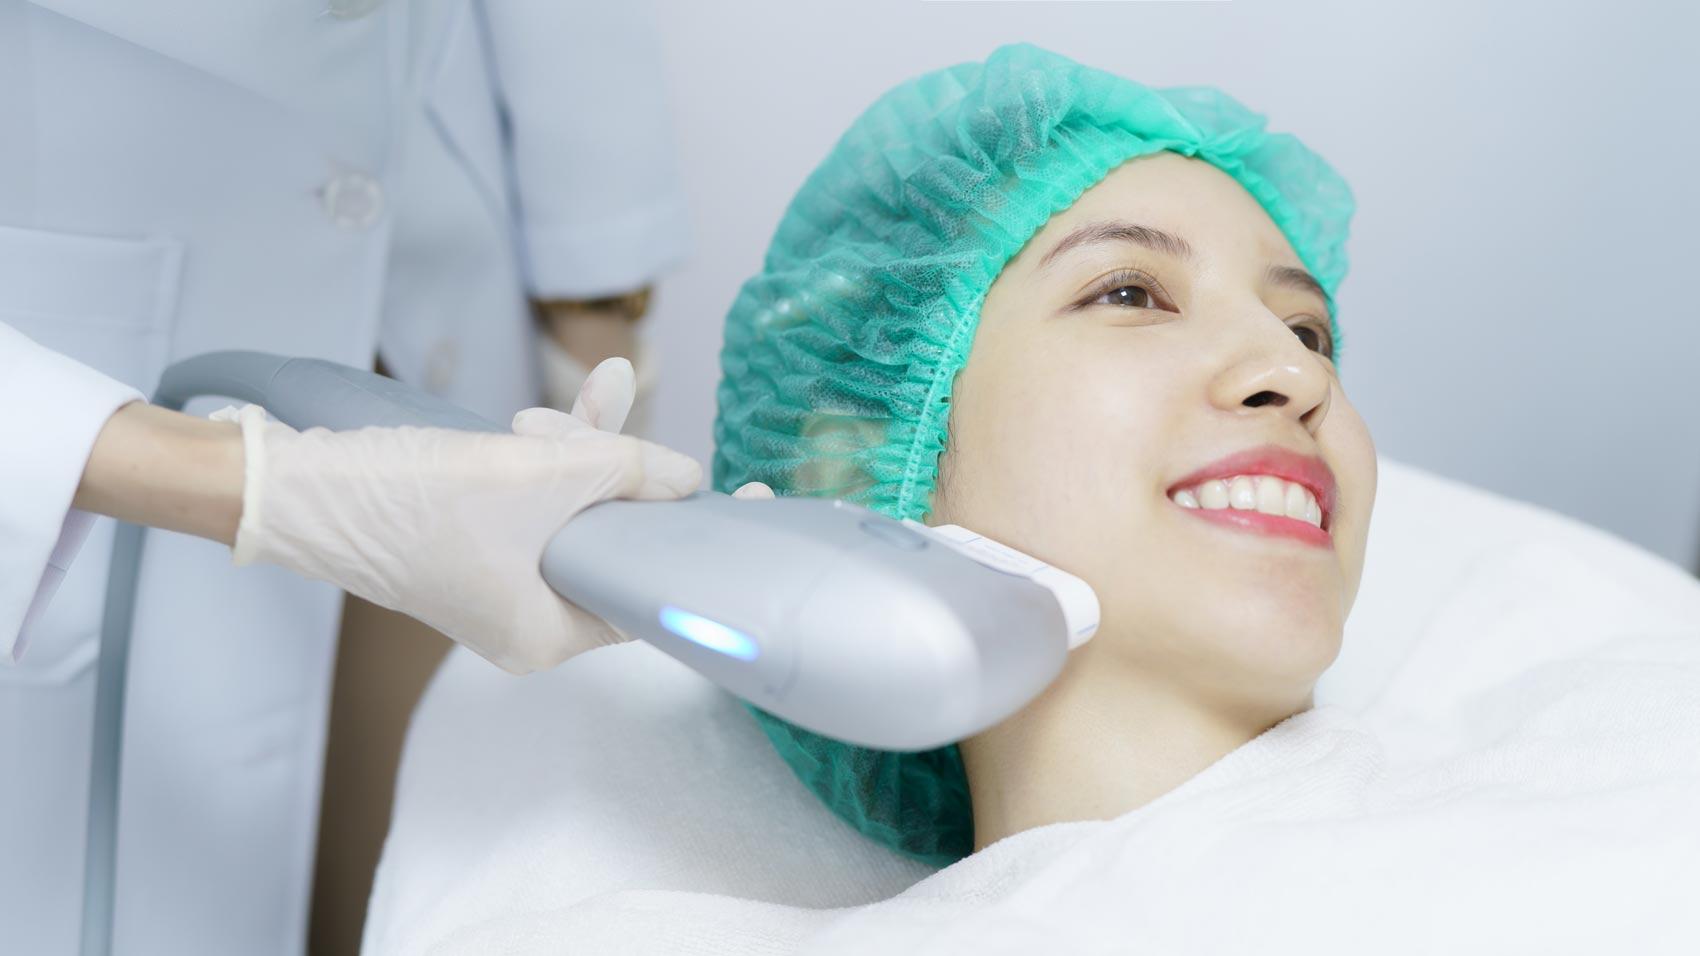 Mujer recibiendo tratamiento Ultherapy en el rostro